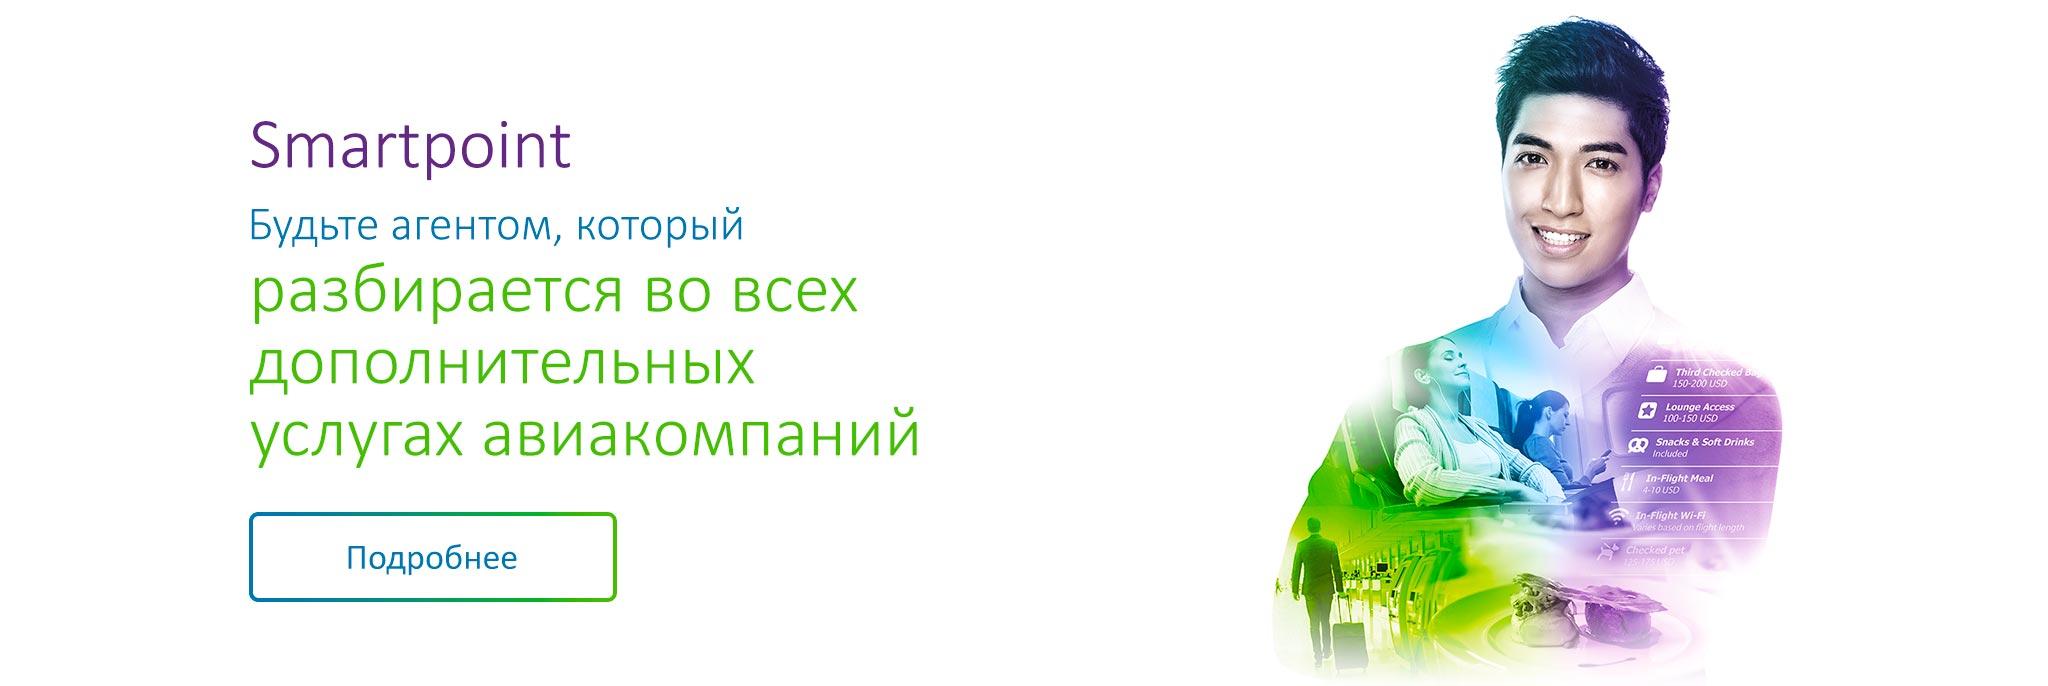 Купить авиабилеты дешево новосибирск бишкек